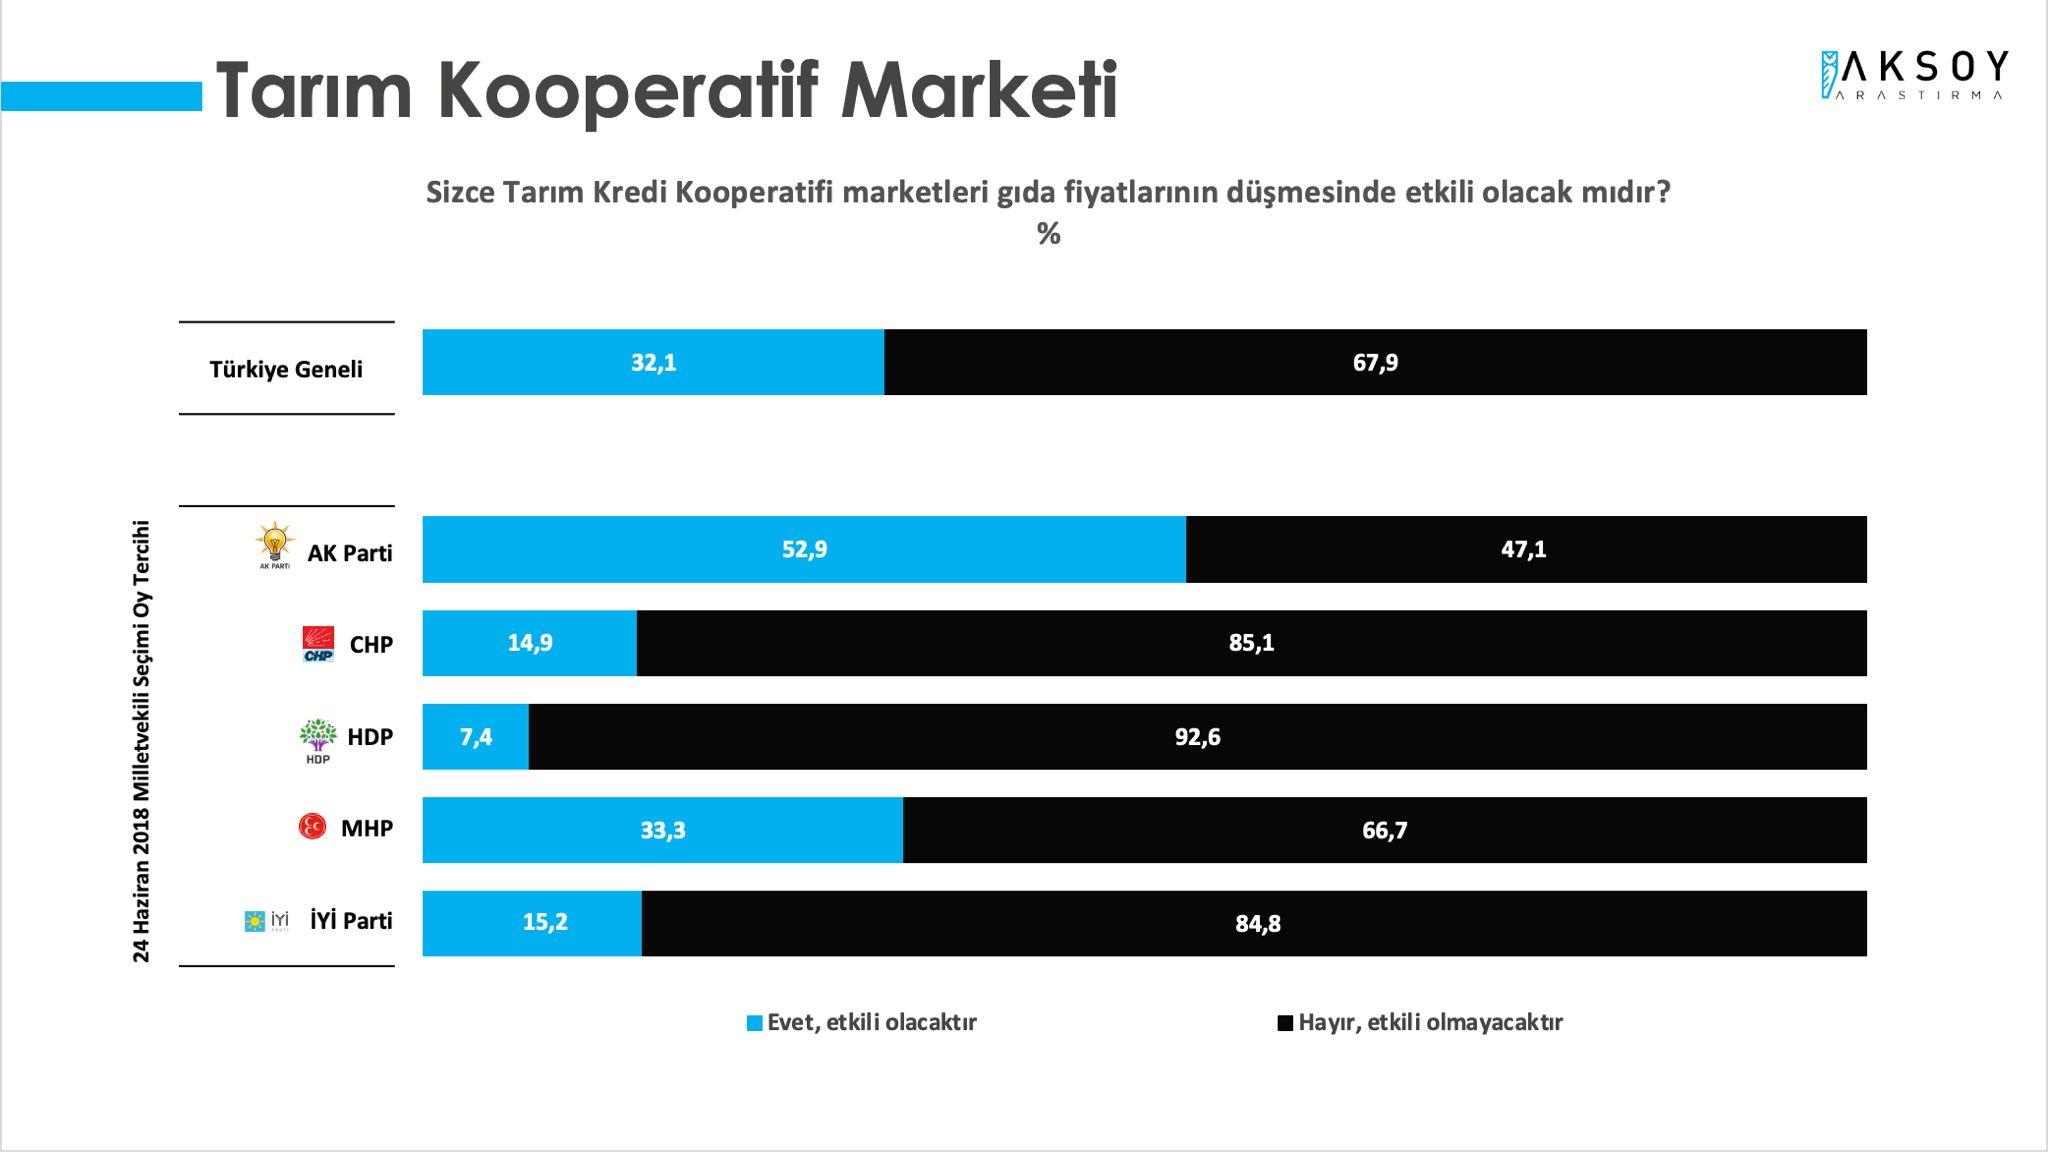 """<p>AKP'li Cumhurbaşkanı Erdoğan'ın zincir market açıklamasından sonra Tarım Kooperatif Marketi'ndeki fiyatların uygun olduğunu dile getirmişti. Seçmenlere <strong>""""Sizce Tarım Kredi Kooperatifi marketleri gıda fiyatlarının düşmesinde etkili olacak mıdır?""""</strong> diye soruldu.&nbsp;</p><p>Yüzde 67,9'luk kesim etkili olmayacağını savunurken yüzde 32,1 oy oranına sahip kesim ise etkili olacağını dile getirdi.</p>"""